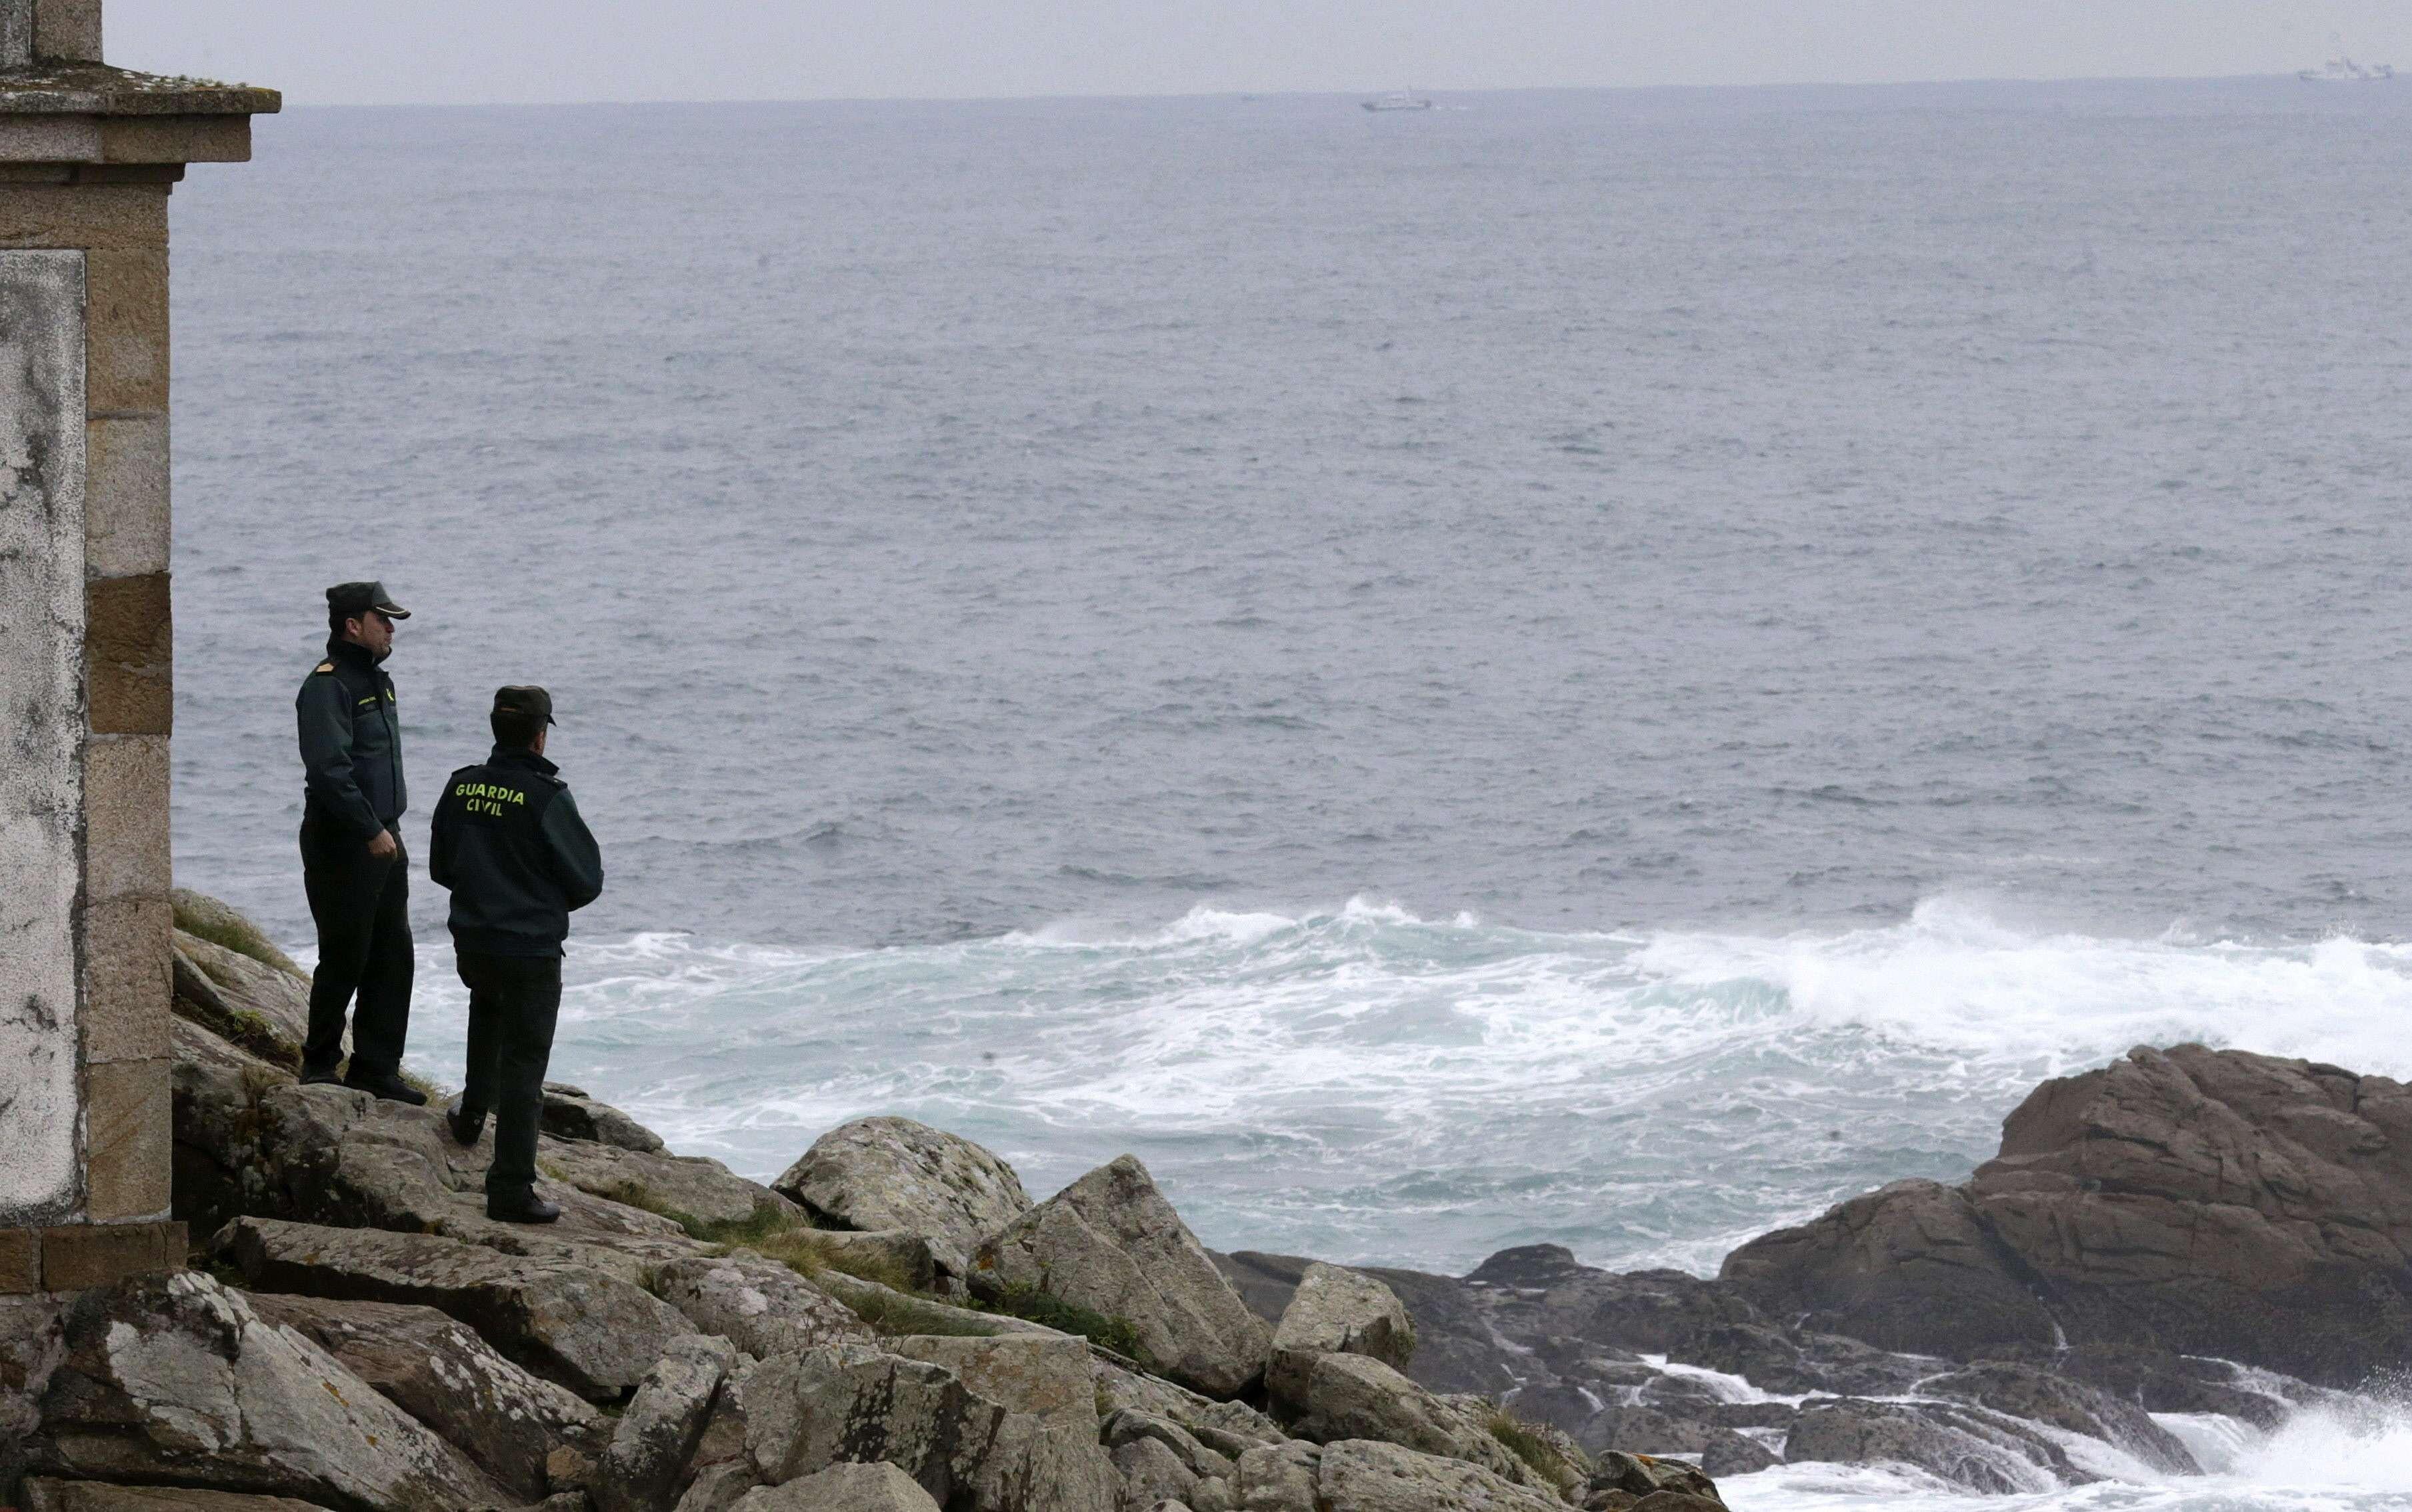 En la imagen, dos guardias civiles buscan por tierra a los dos desaparecidos del pesquero Paquito II, en las inmediaciones del faro de Corrubedo (19/12/2014). Foto: EFE en español